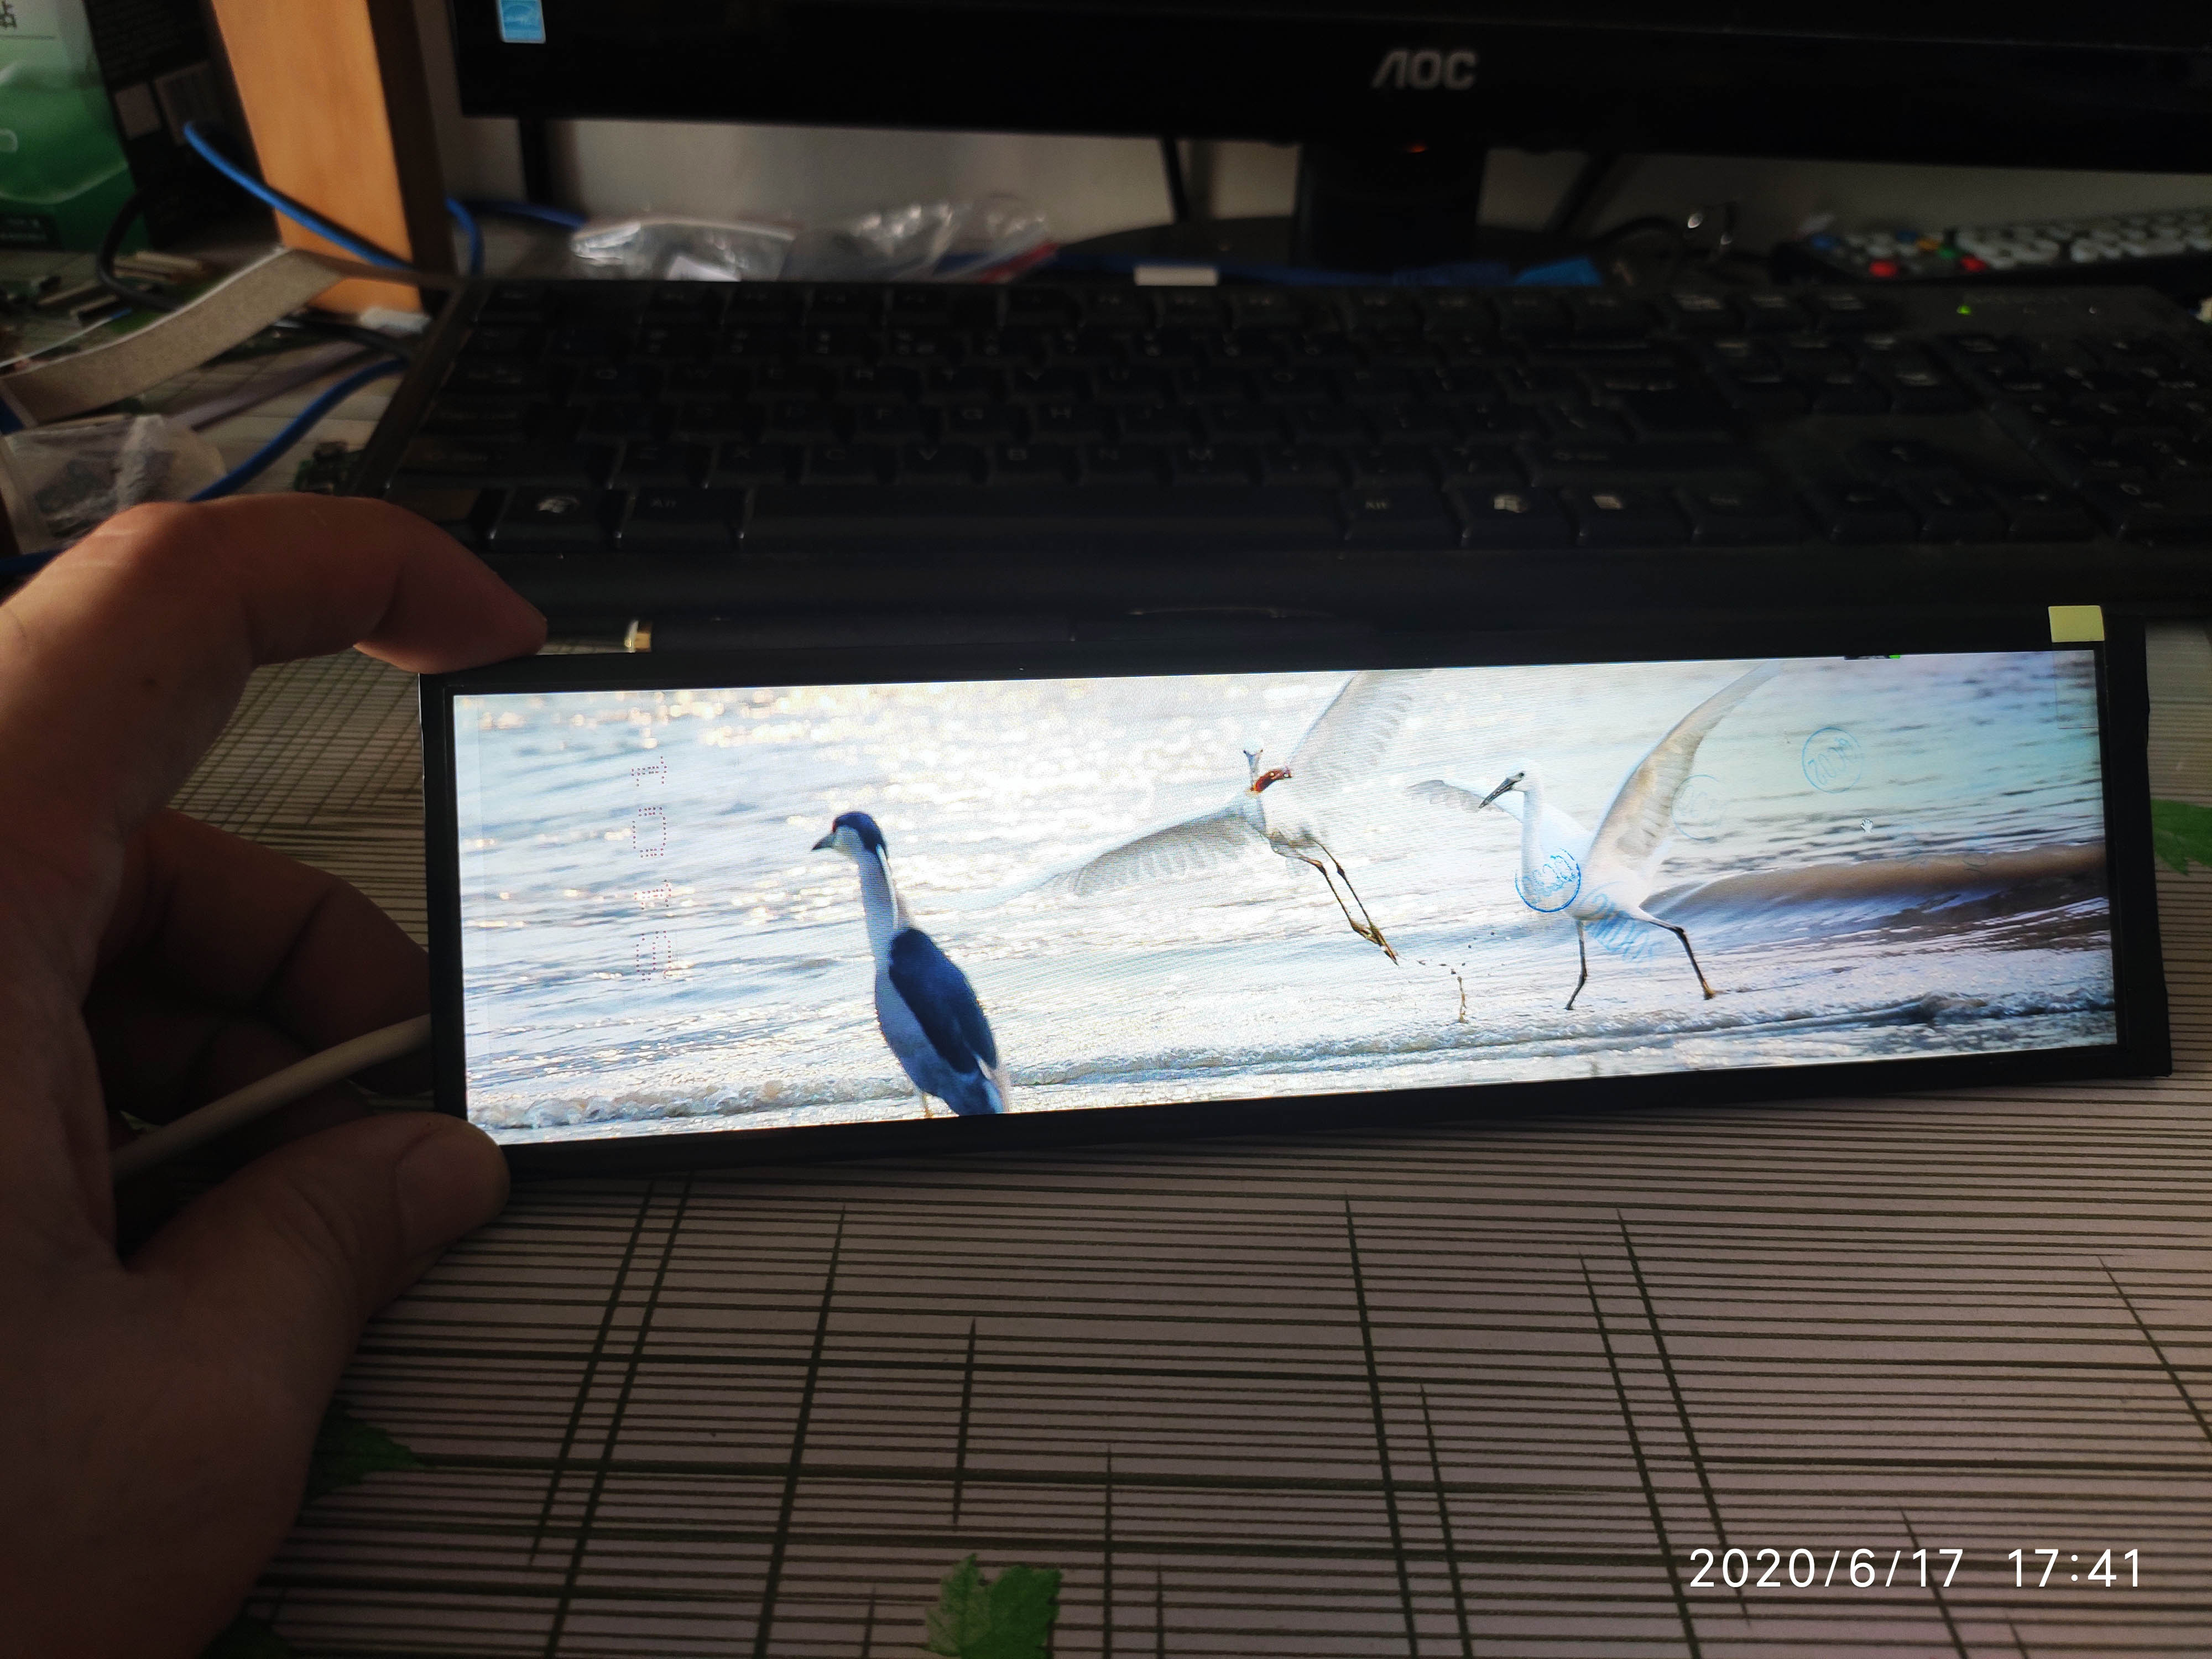 8.8 polegada ips longa faixa de exibição esticada barra hdmi para mipi aida64 monitor usb 5v energia segundo display magro 1920*480